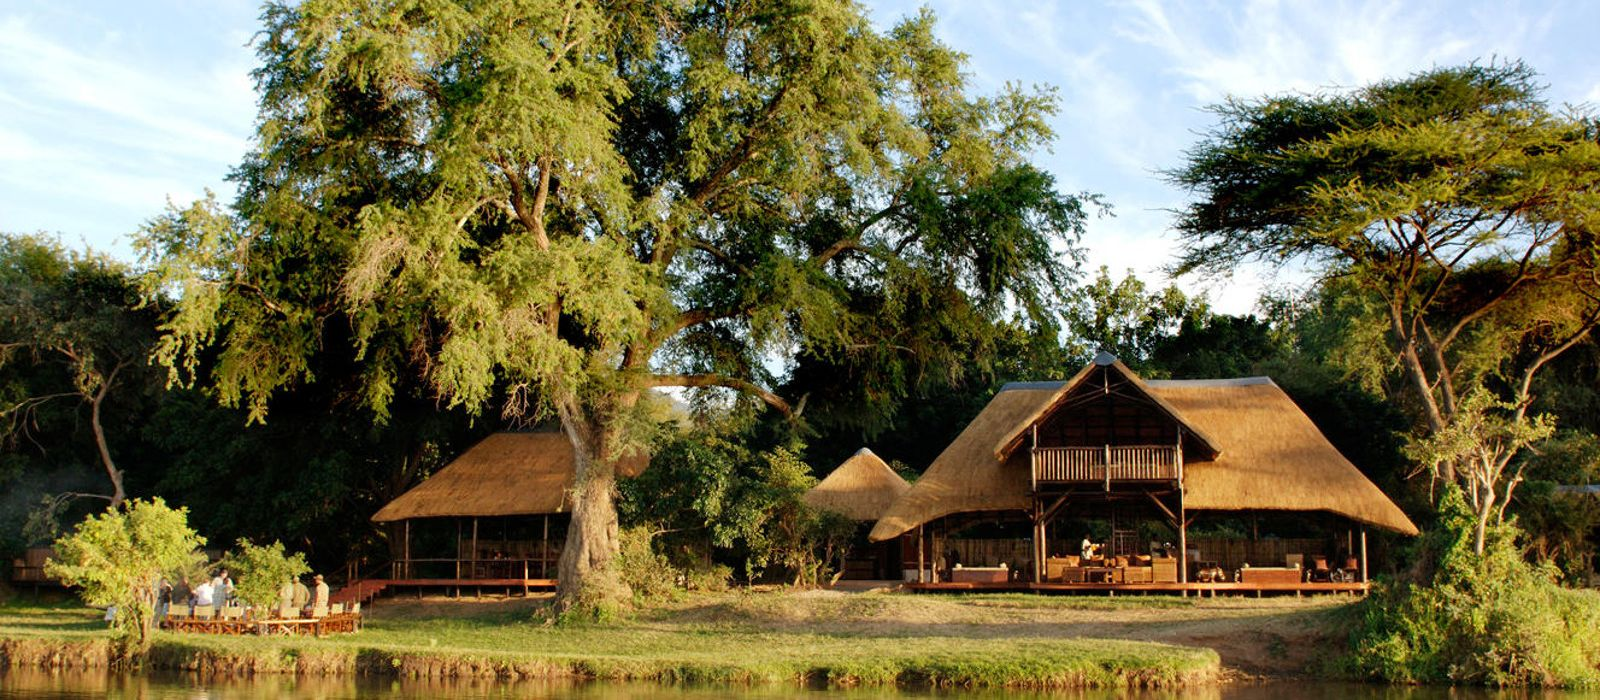 Hotel Chiawa Camp Zambia